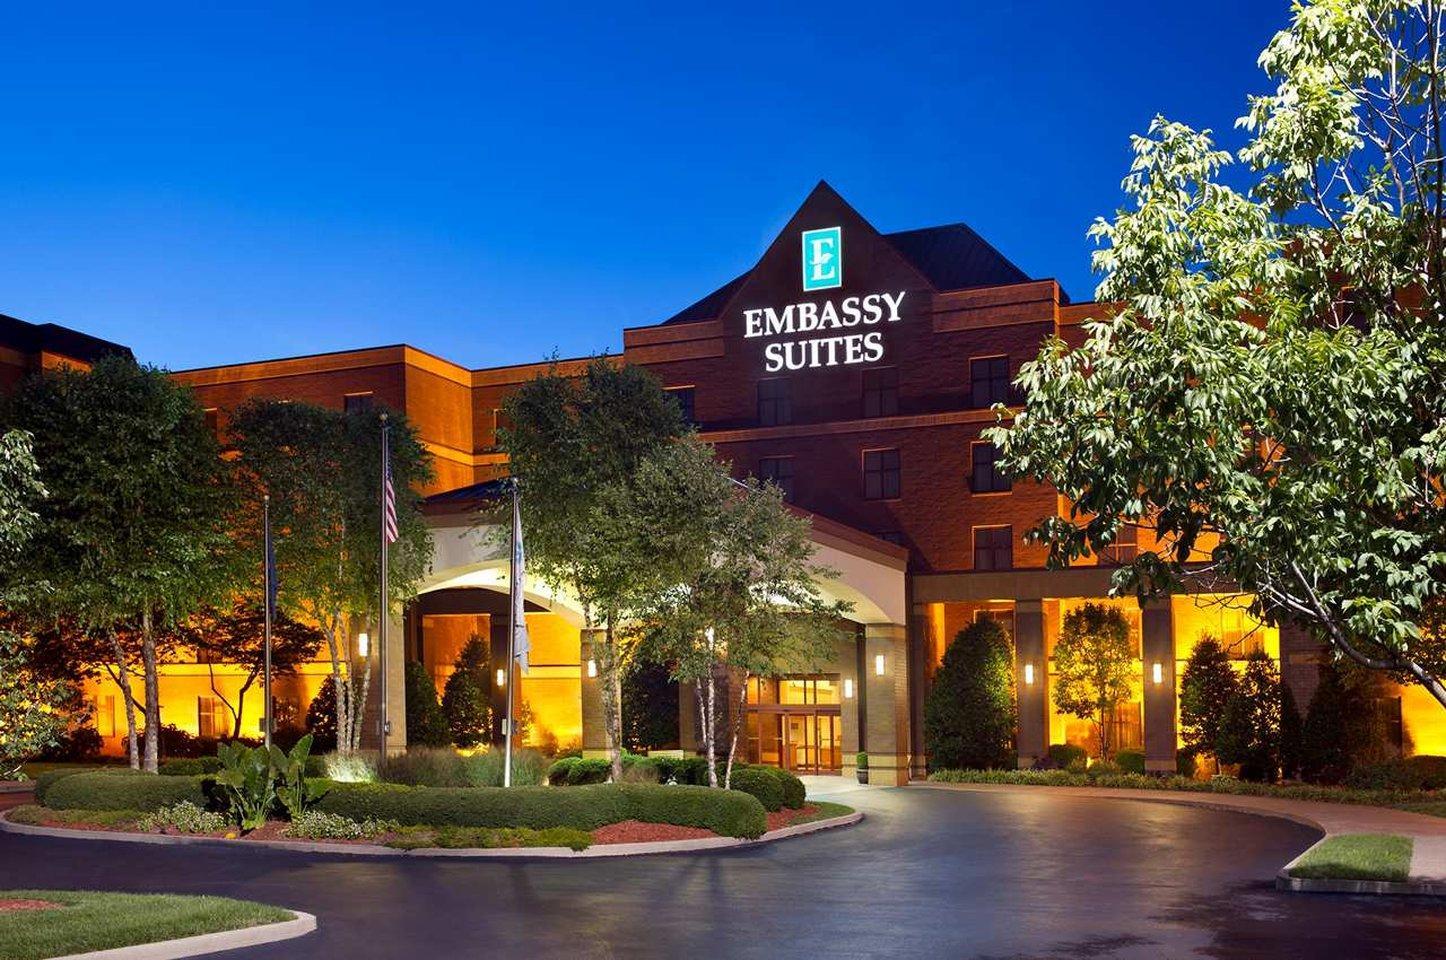 Embassy Suites by Hilton Lexington